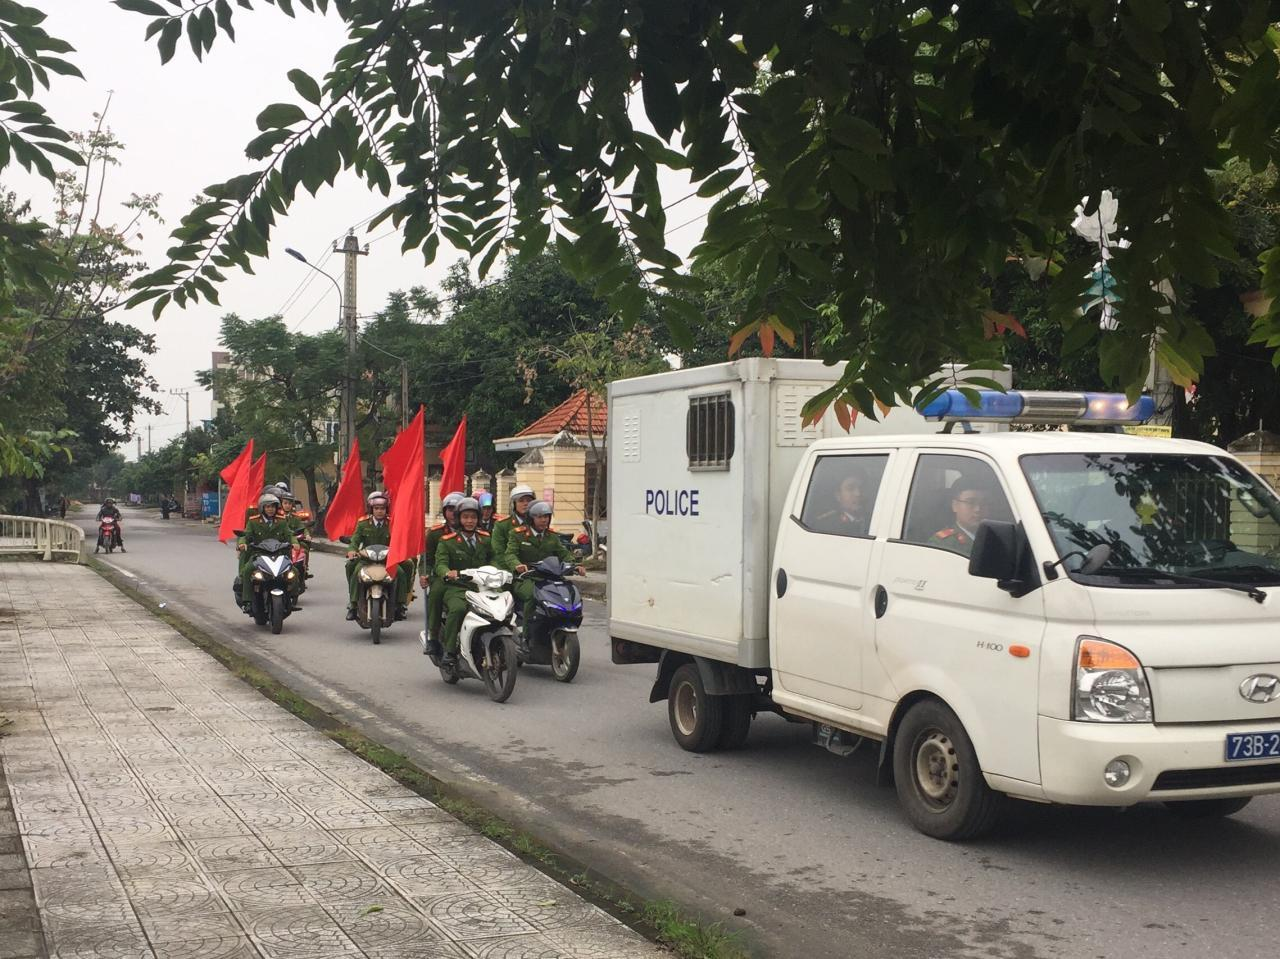 Công an huyện Lệ Thủy triển khai kế hoạch ra quân tấn công trấn áp tội phạm